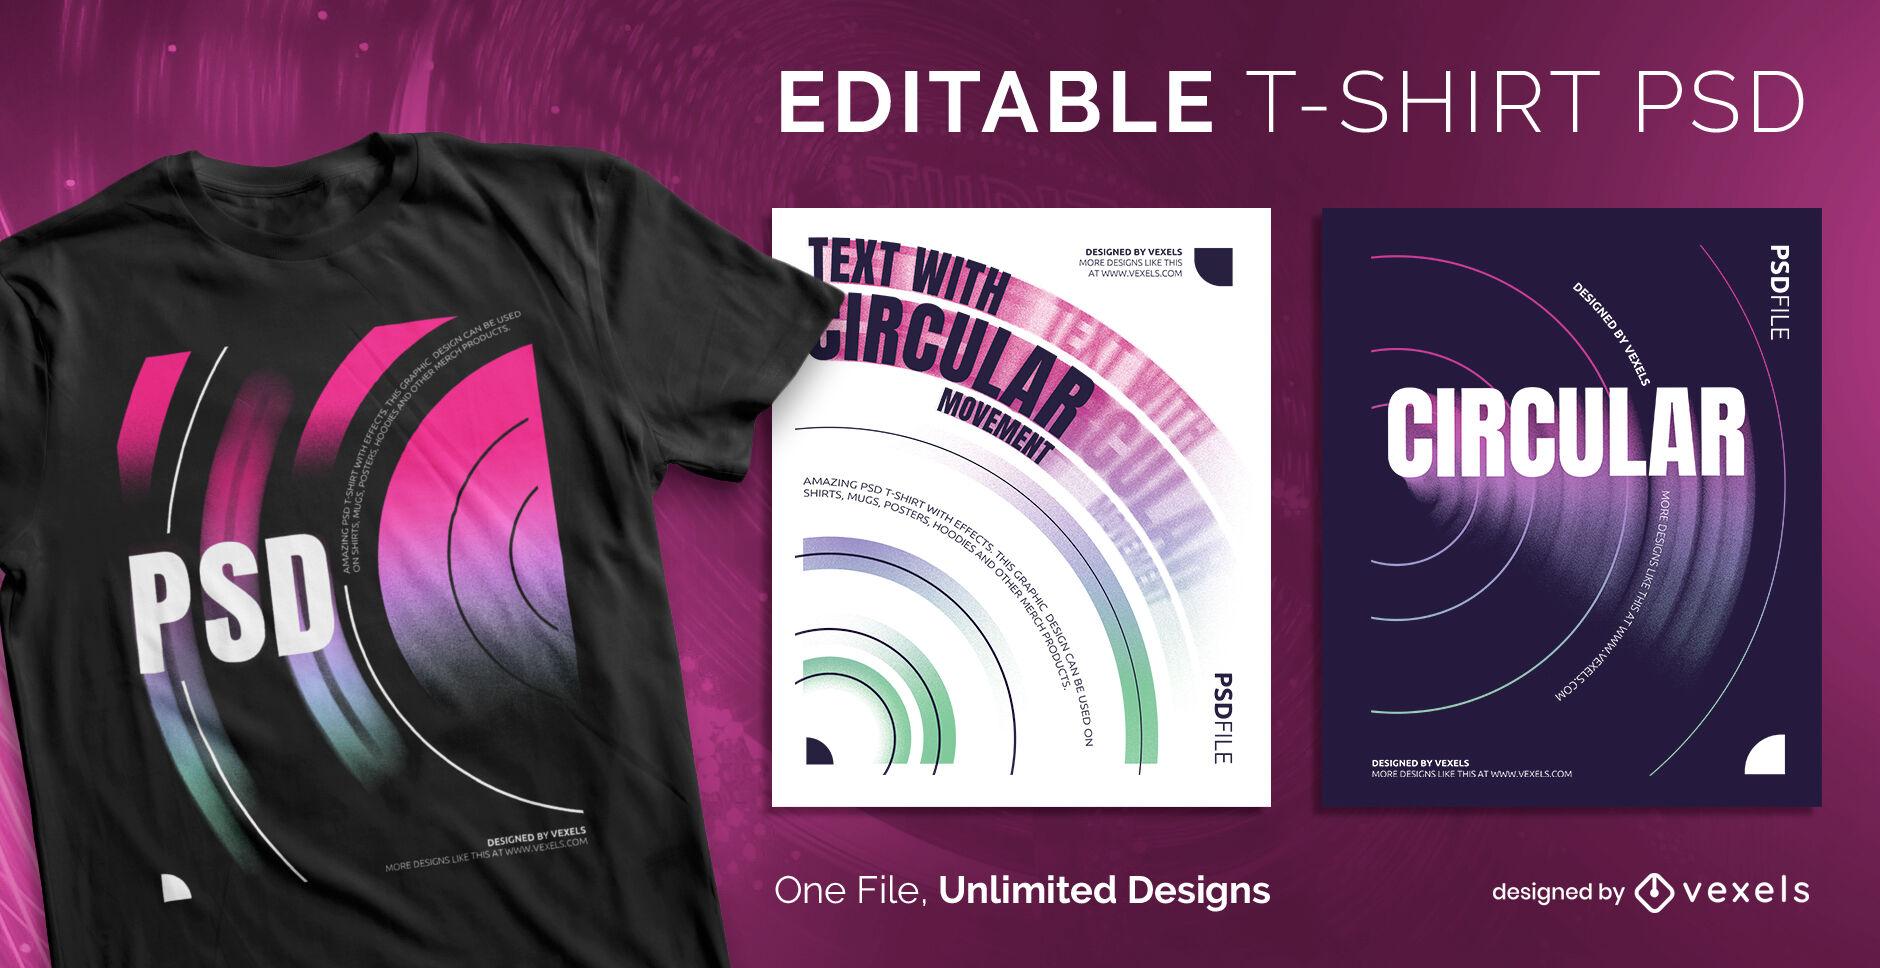 Modelo de t-shirt psd escalon?vel com texto curvado circular gradiente